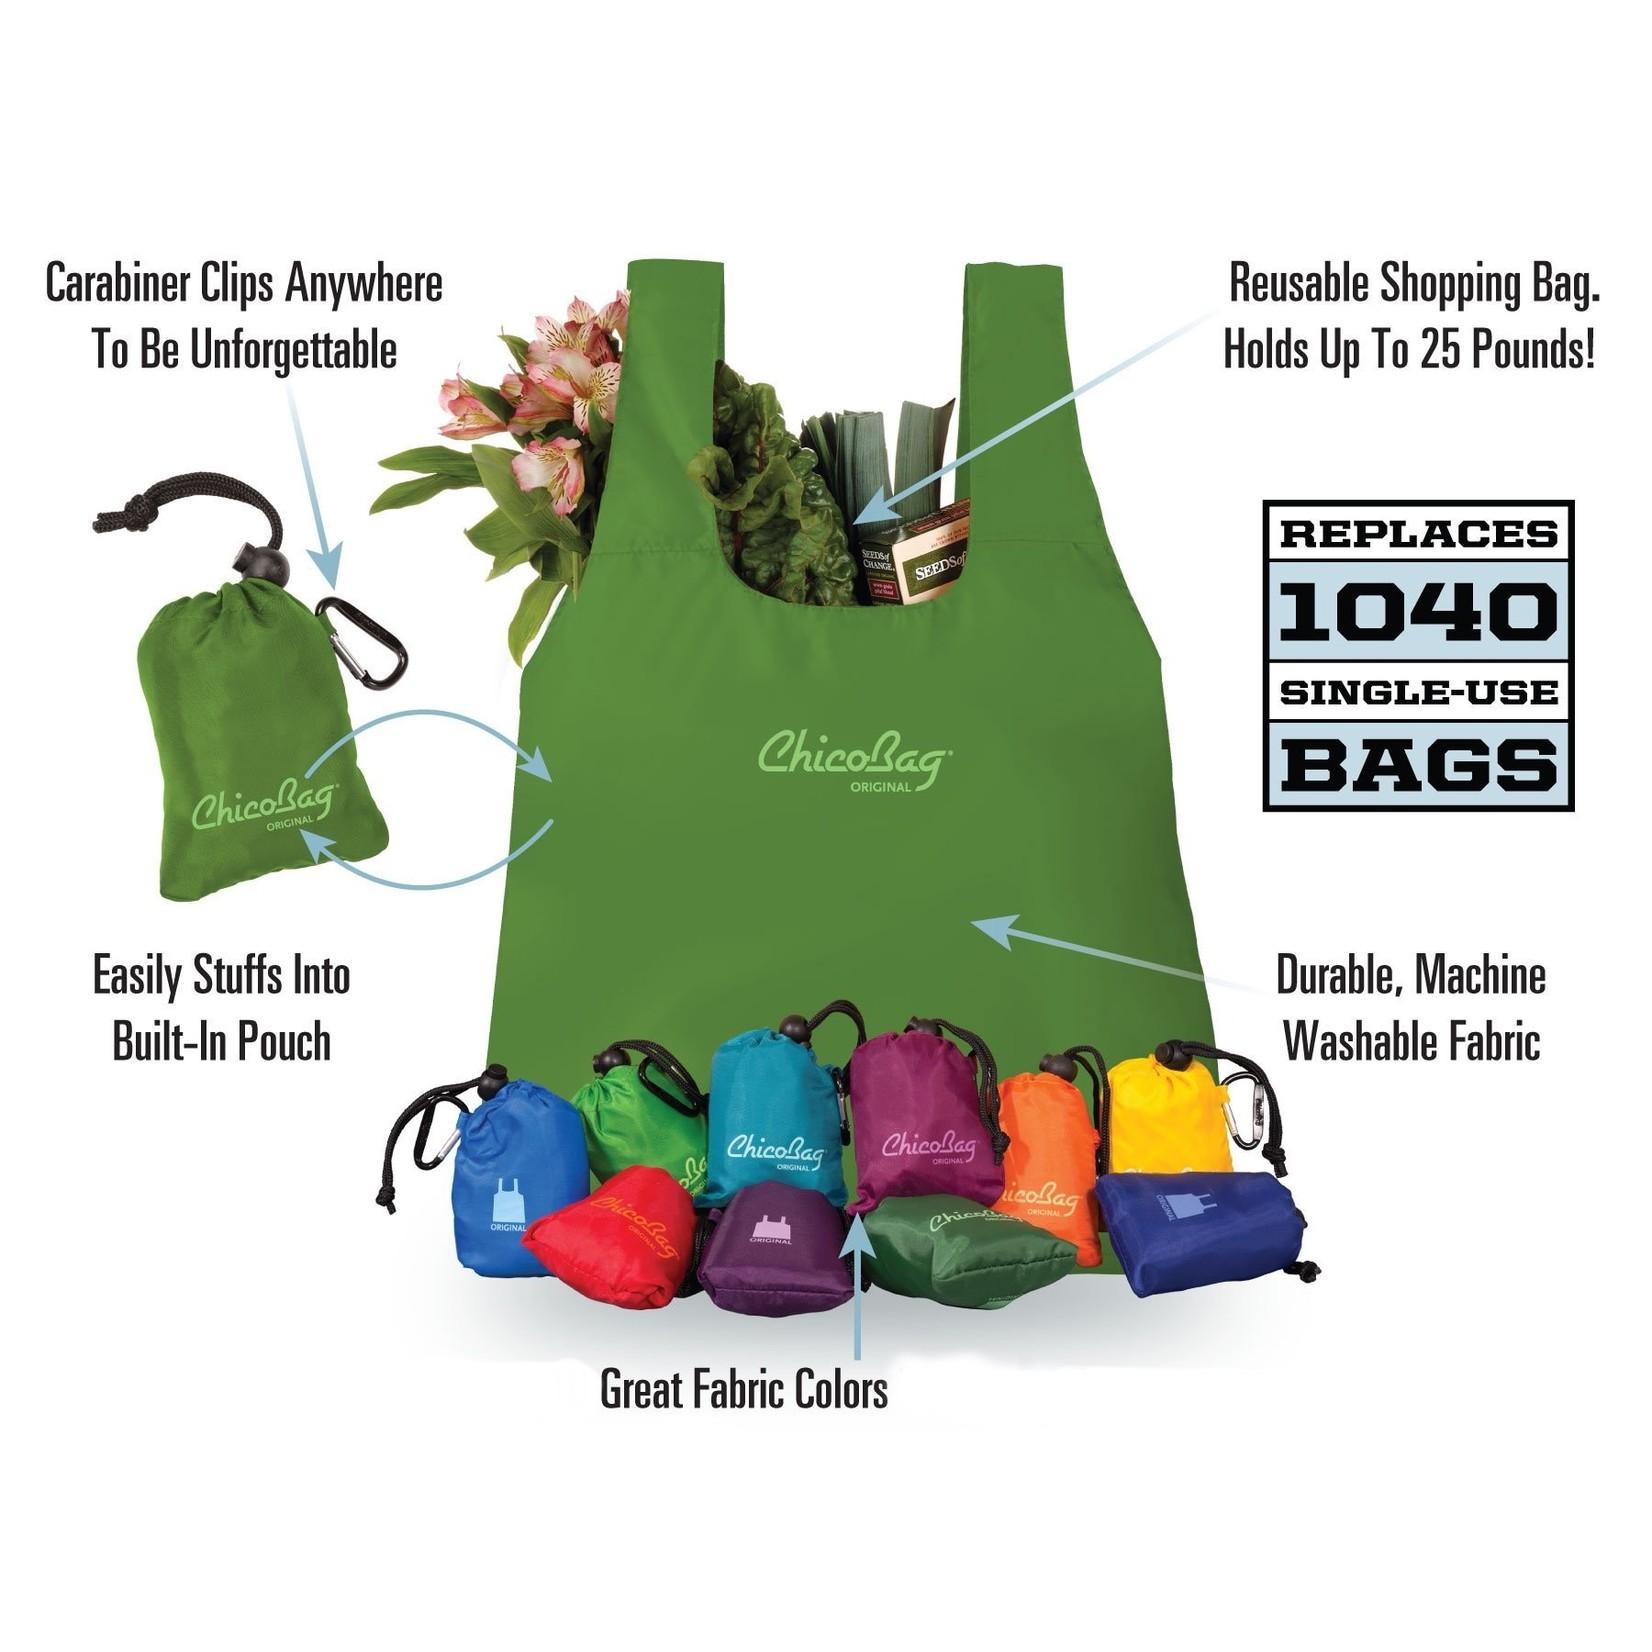 Chico Bag Chico Bag Reusable Bag